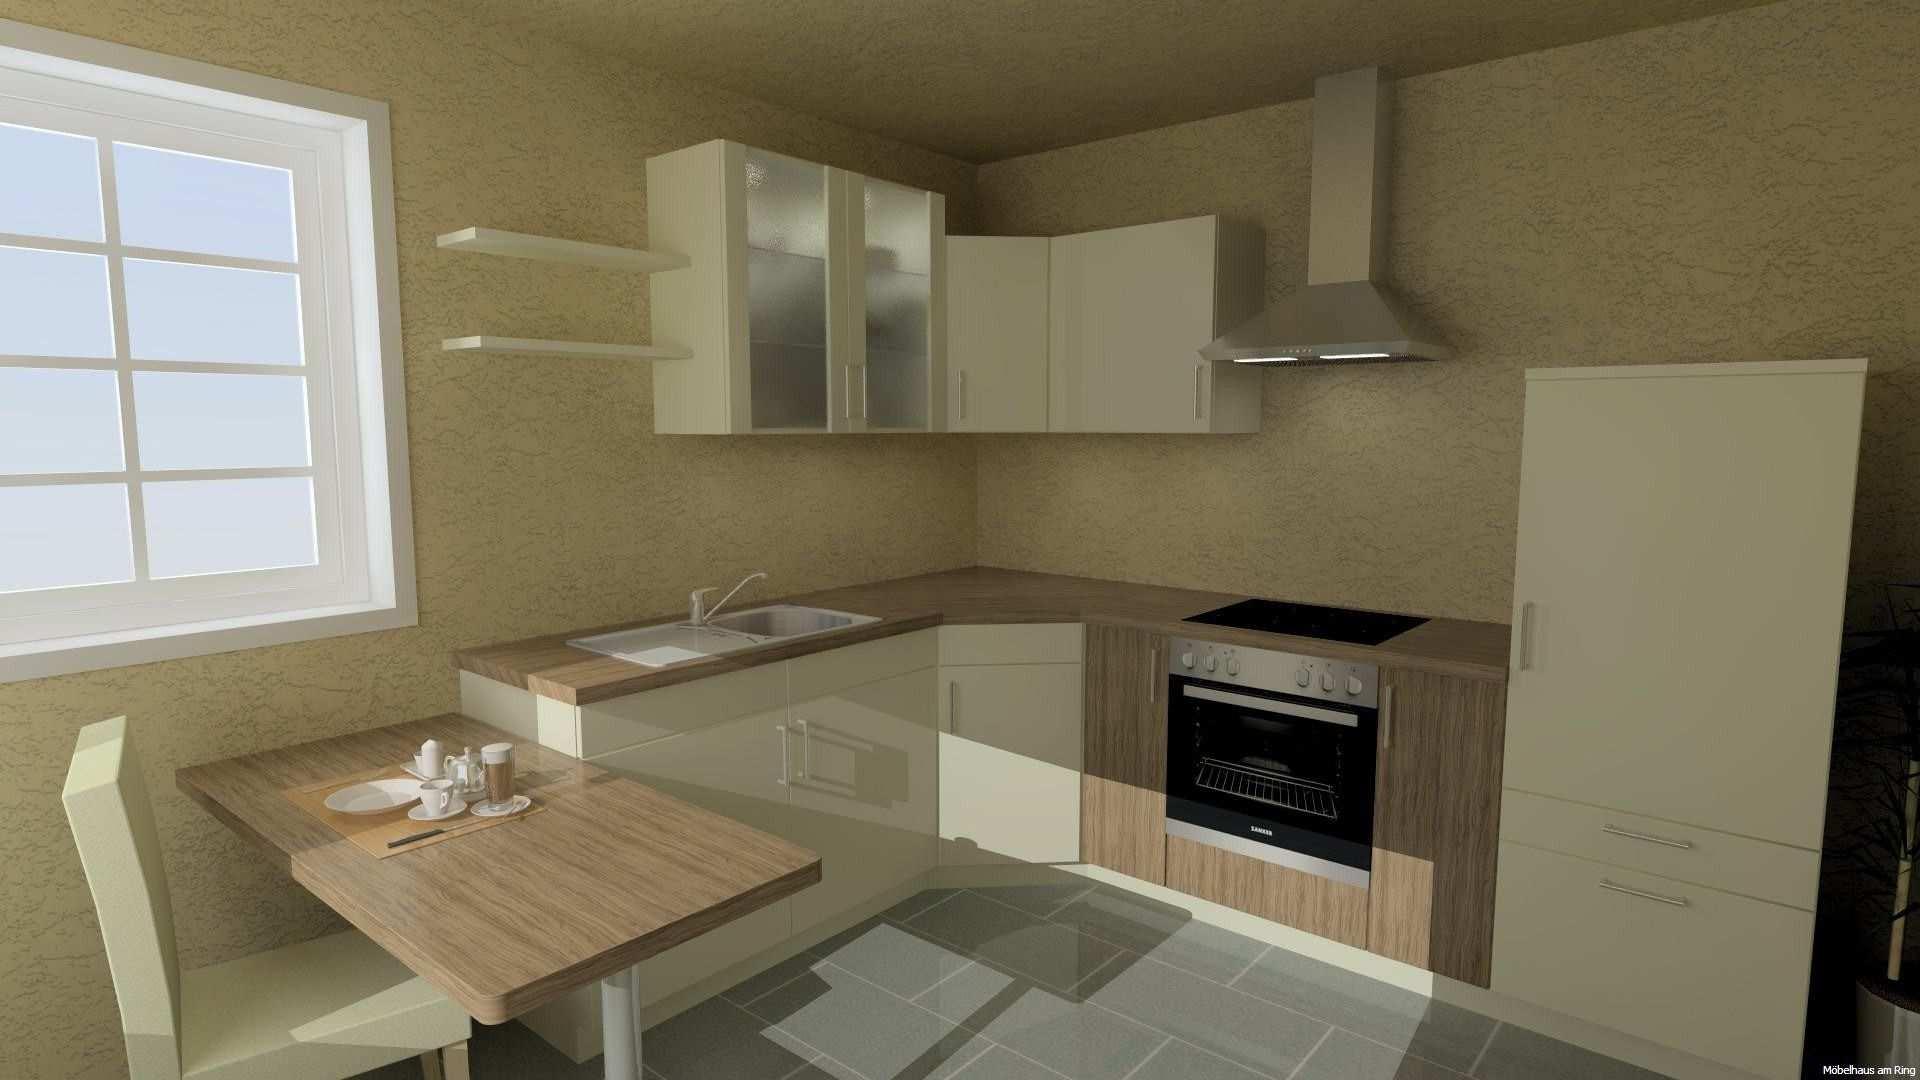 Full Size of Luxus Ikea Küche Einbauen Lassen Ostseesuche Küche Ikea Küche Kosten